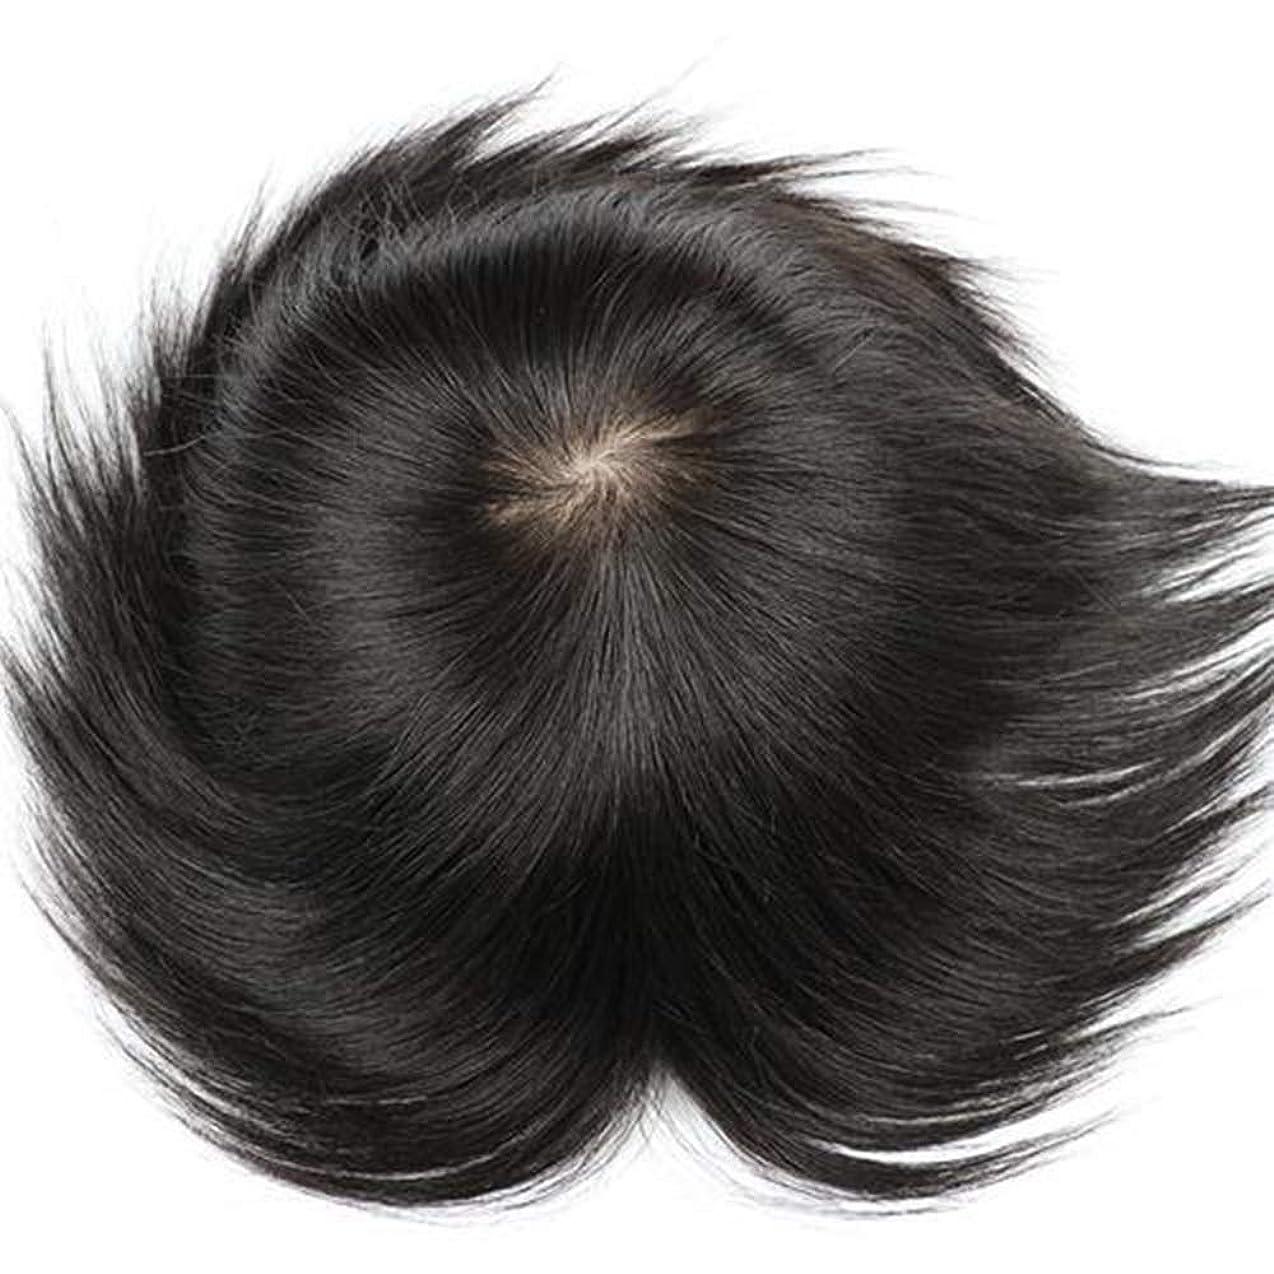 ピルファー先例胃BOBIDYEE 男性用本物のヘアライトウィッグかつらヘッドトップコスプレパーティードレスファッションかつら (色 : Natural black, サイズ : 16x18)